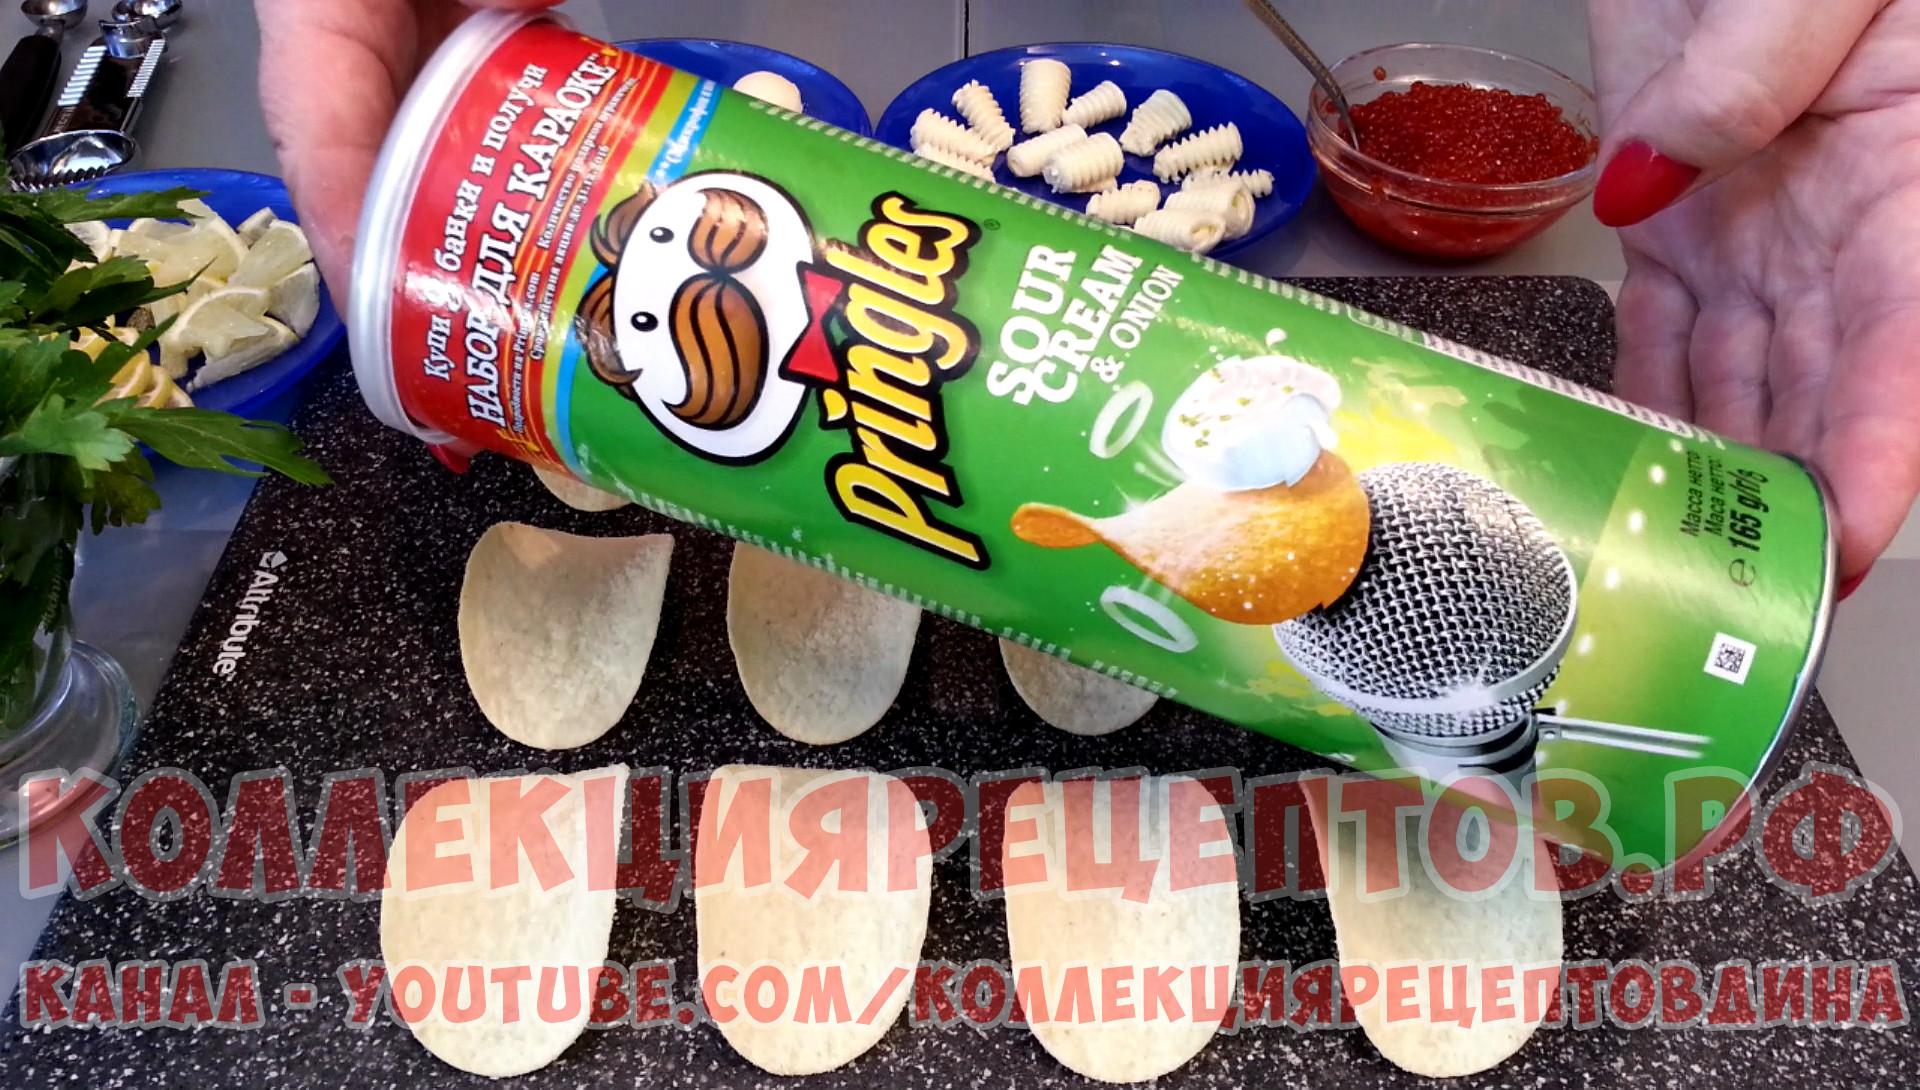 для финальной закуски воспользуемся картофельными чипсами Pringles